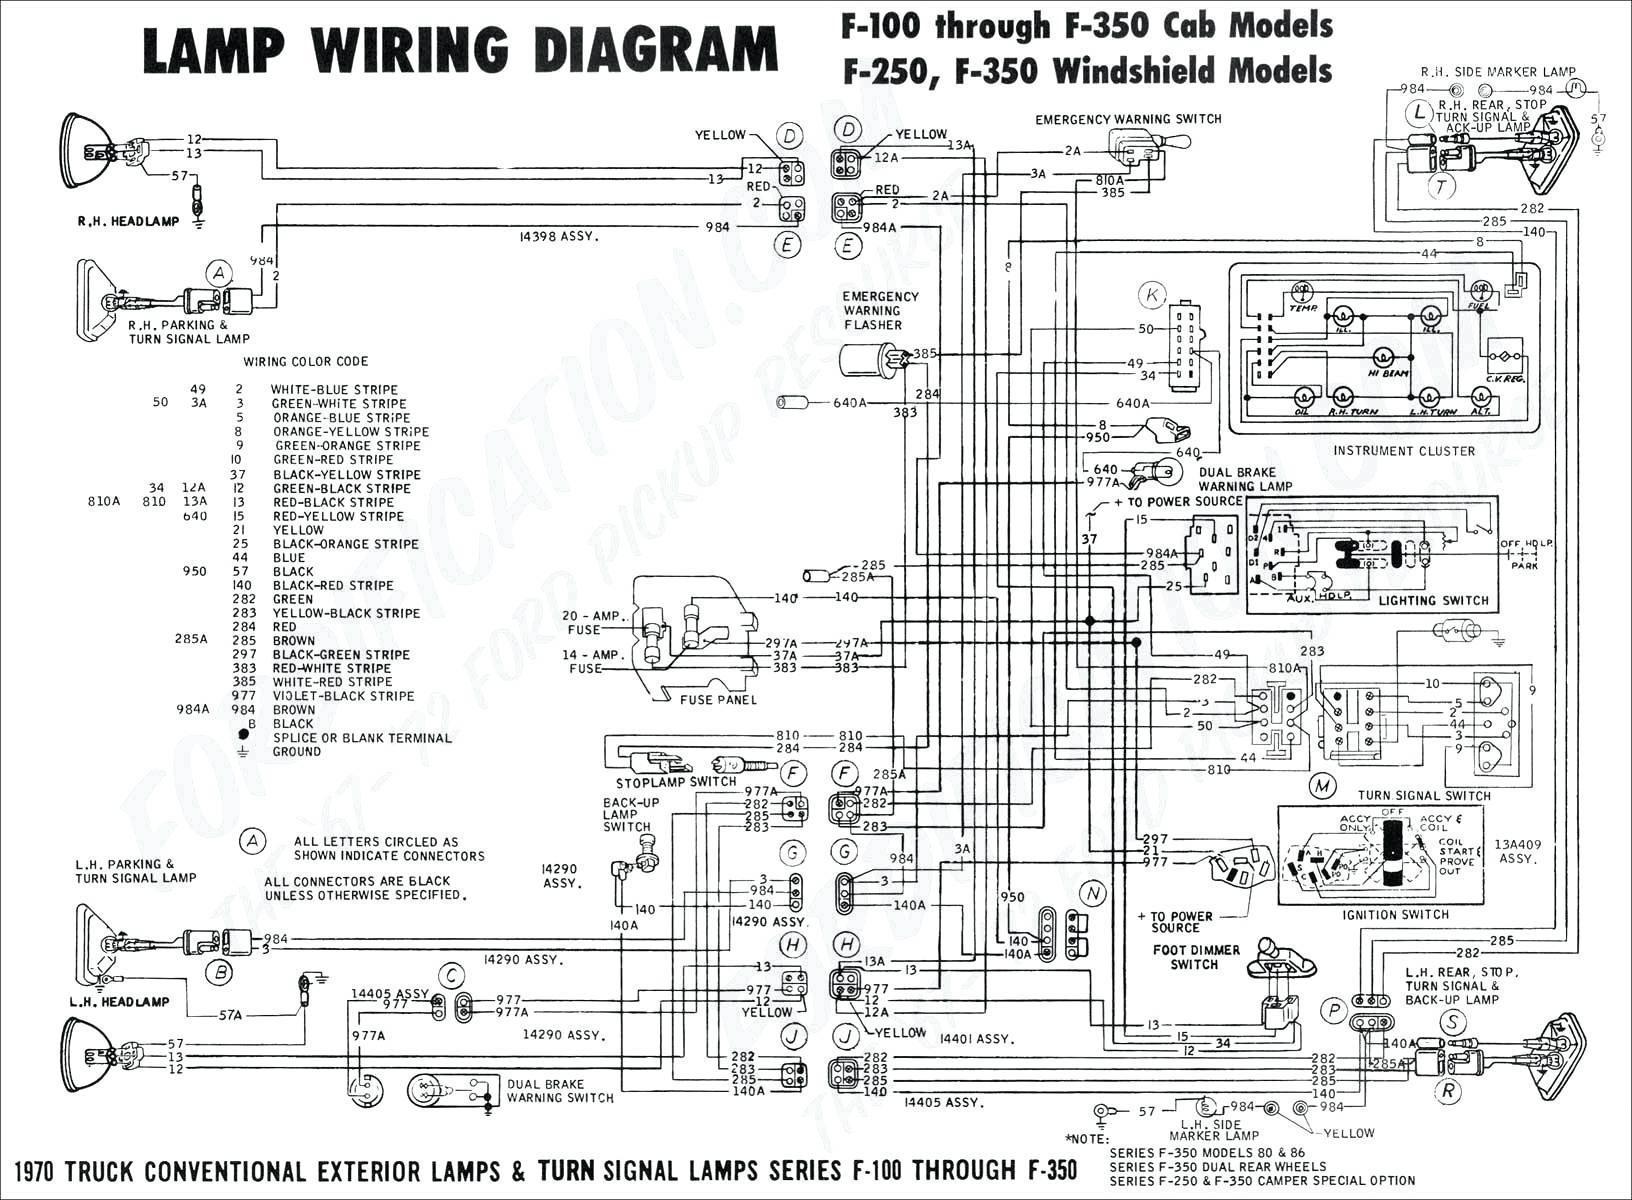 Door Latch Mechanism Diagram Power Door Switch Wiring Diagram 2006 Taurus Worksheet and Wiring Of Door Latch Mechanism Diagram